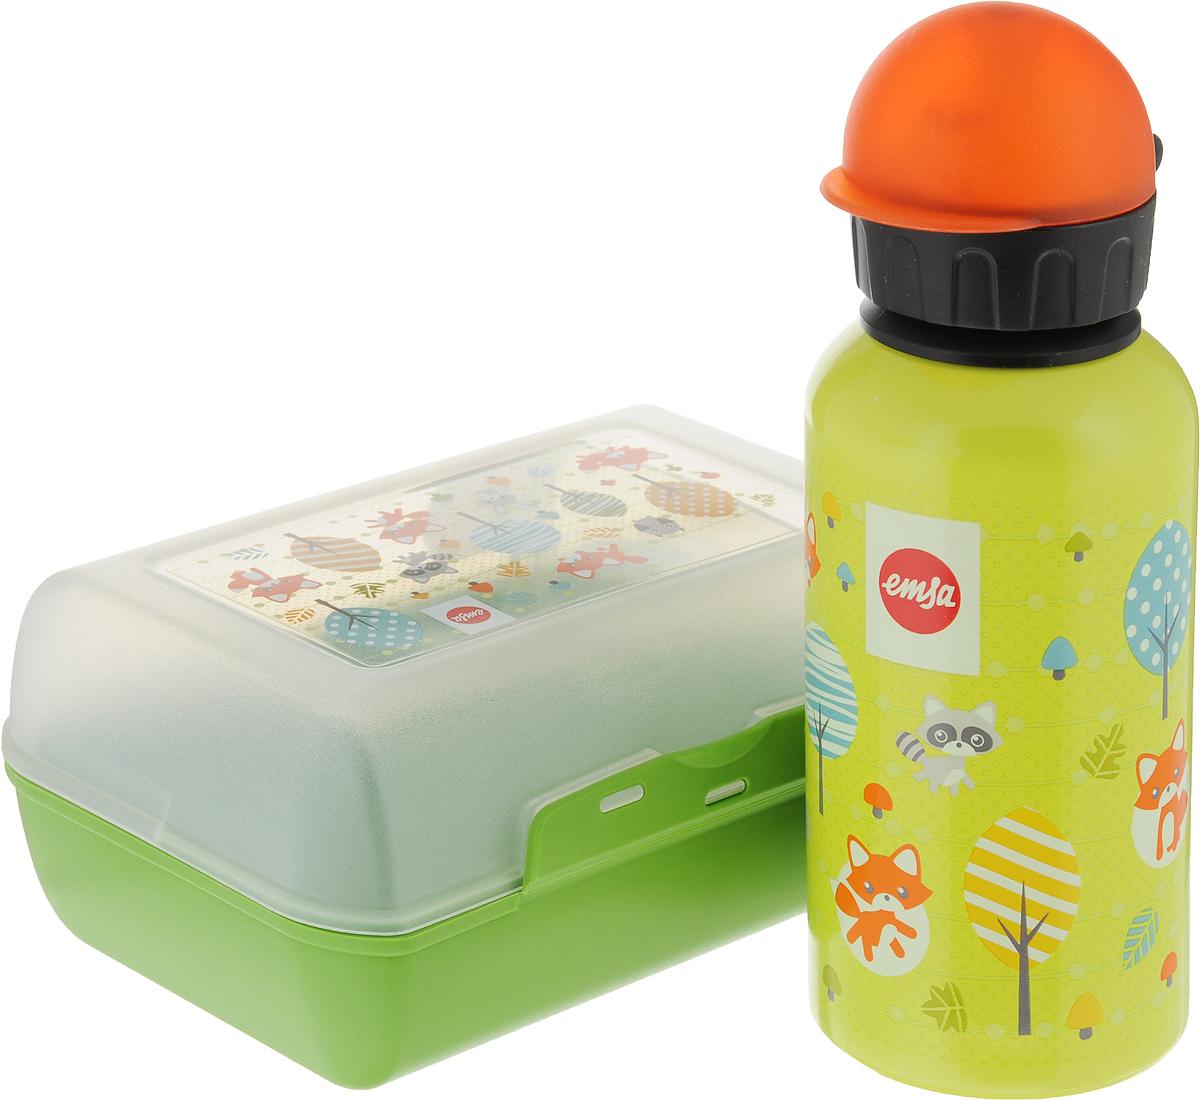 Ланч-бокс Emsa Fox Kids, с фляжкой, цвет: салатовый тележка для фляги в твери